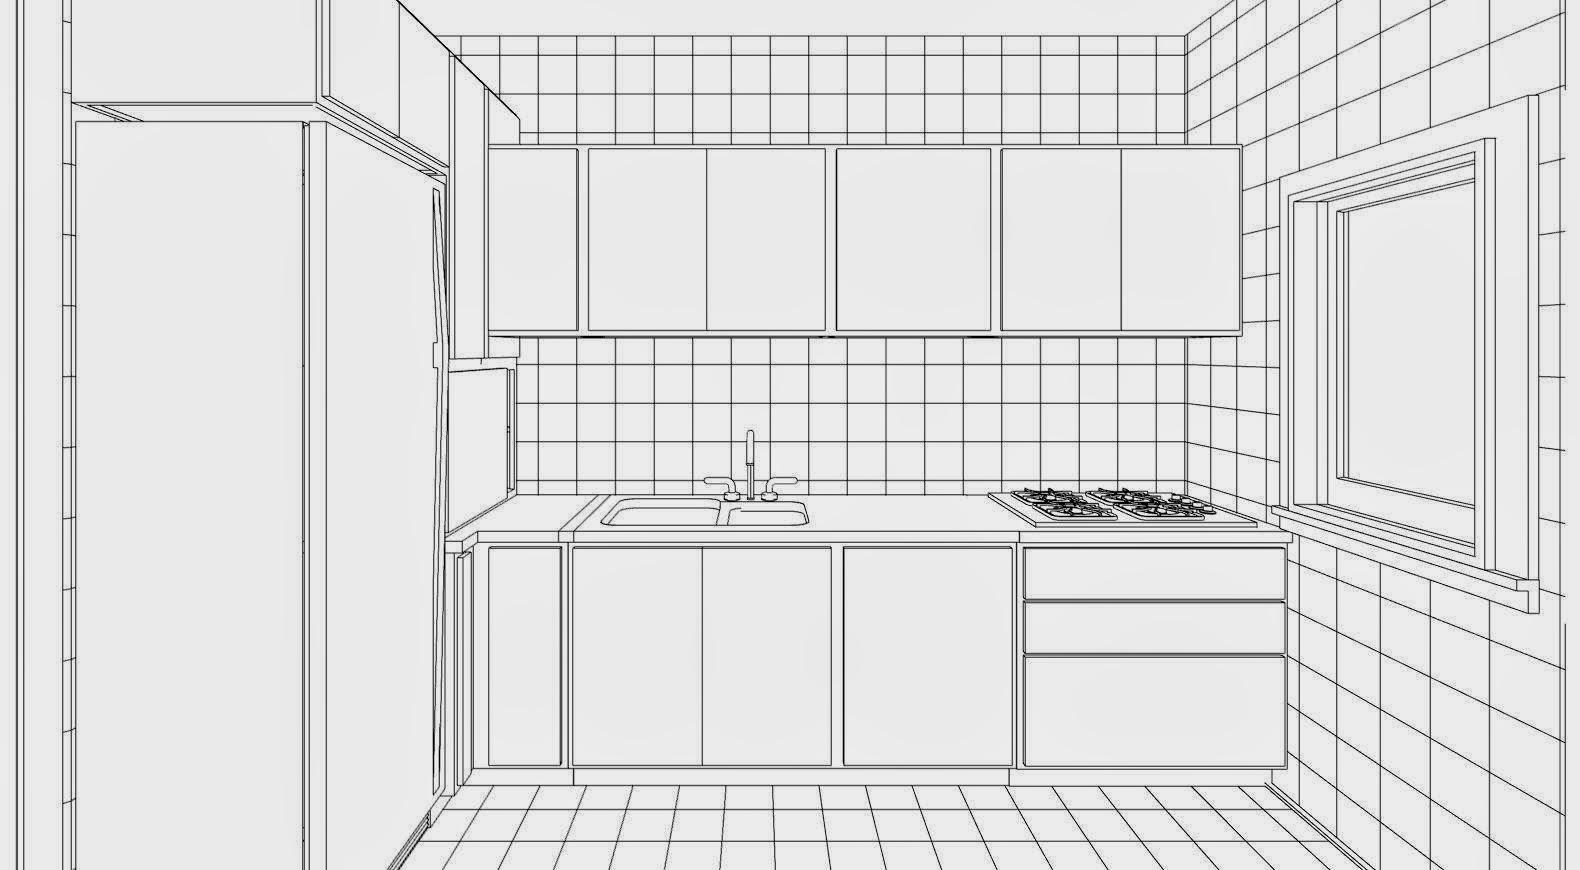 Come Disegnare Una Cucina | Sfruttare Al Meglio Lo Spazio In Cucina